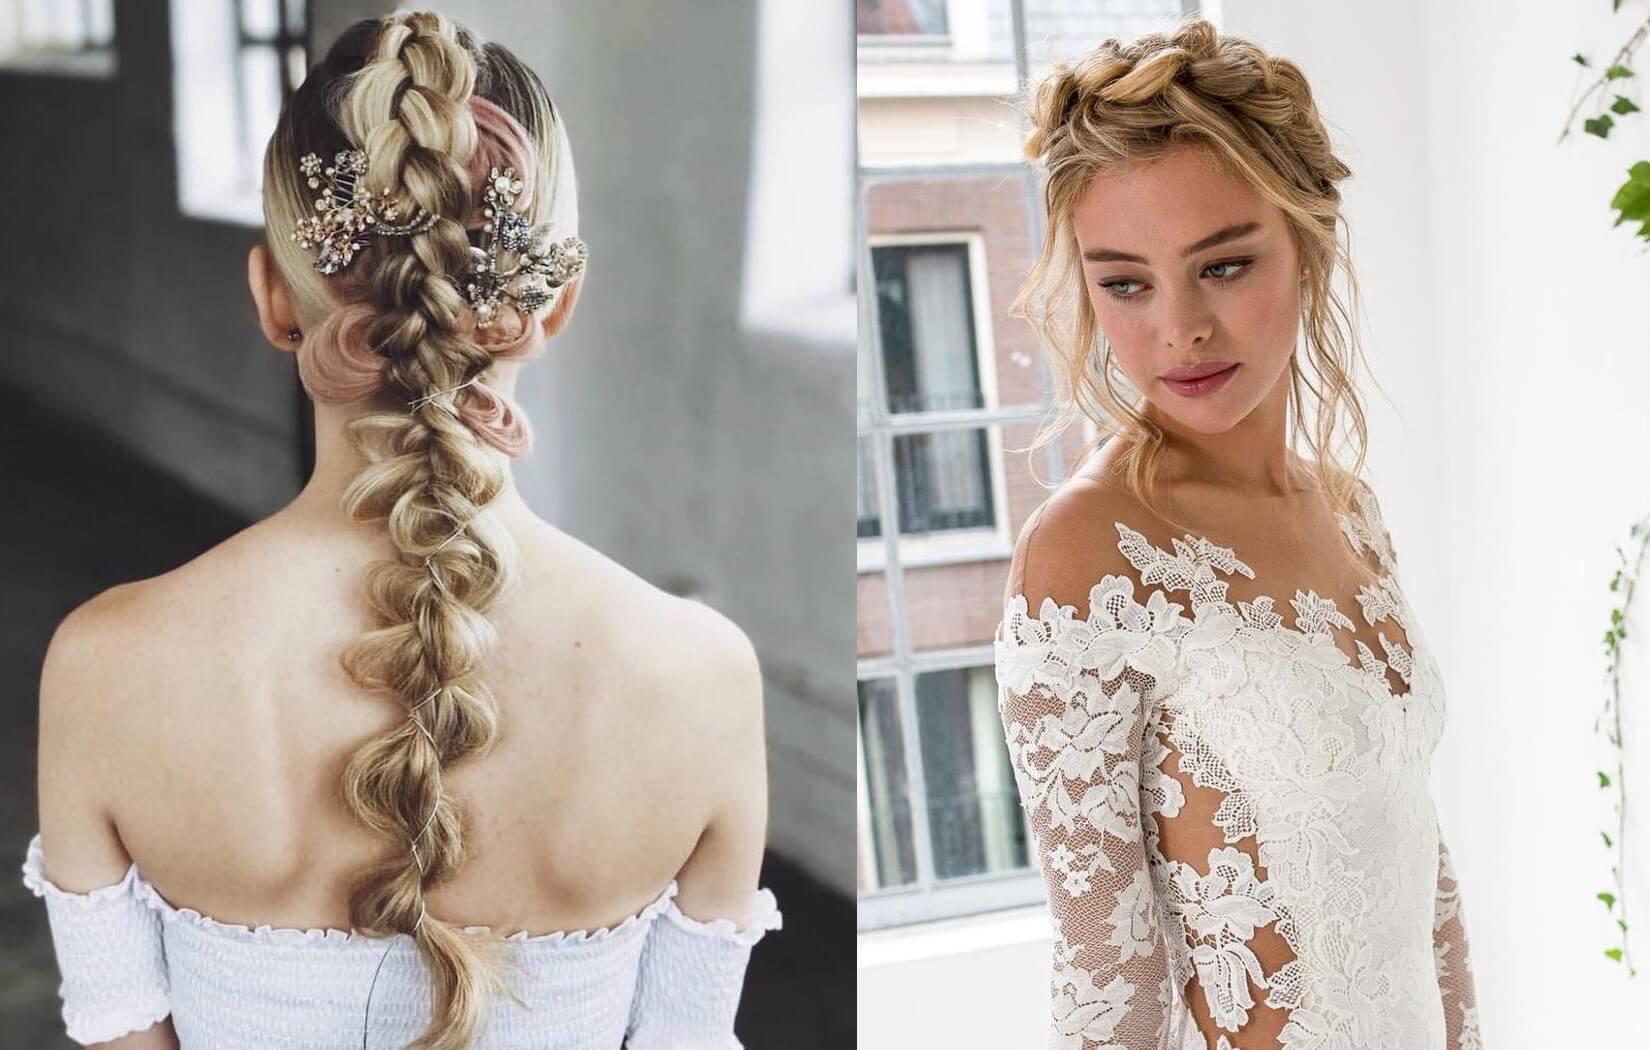 Capelli sposa 2018  23 modi per portare le trecce. Foto e idee 4b215385d3fe